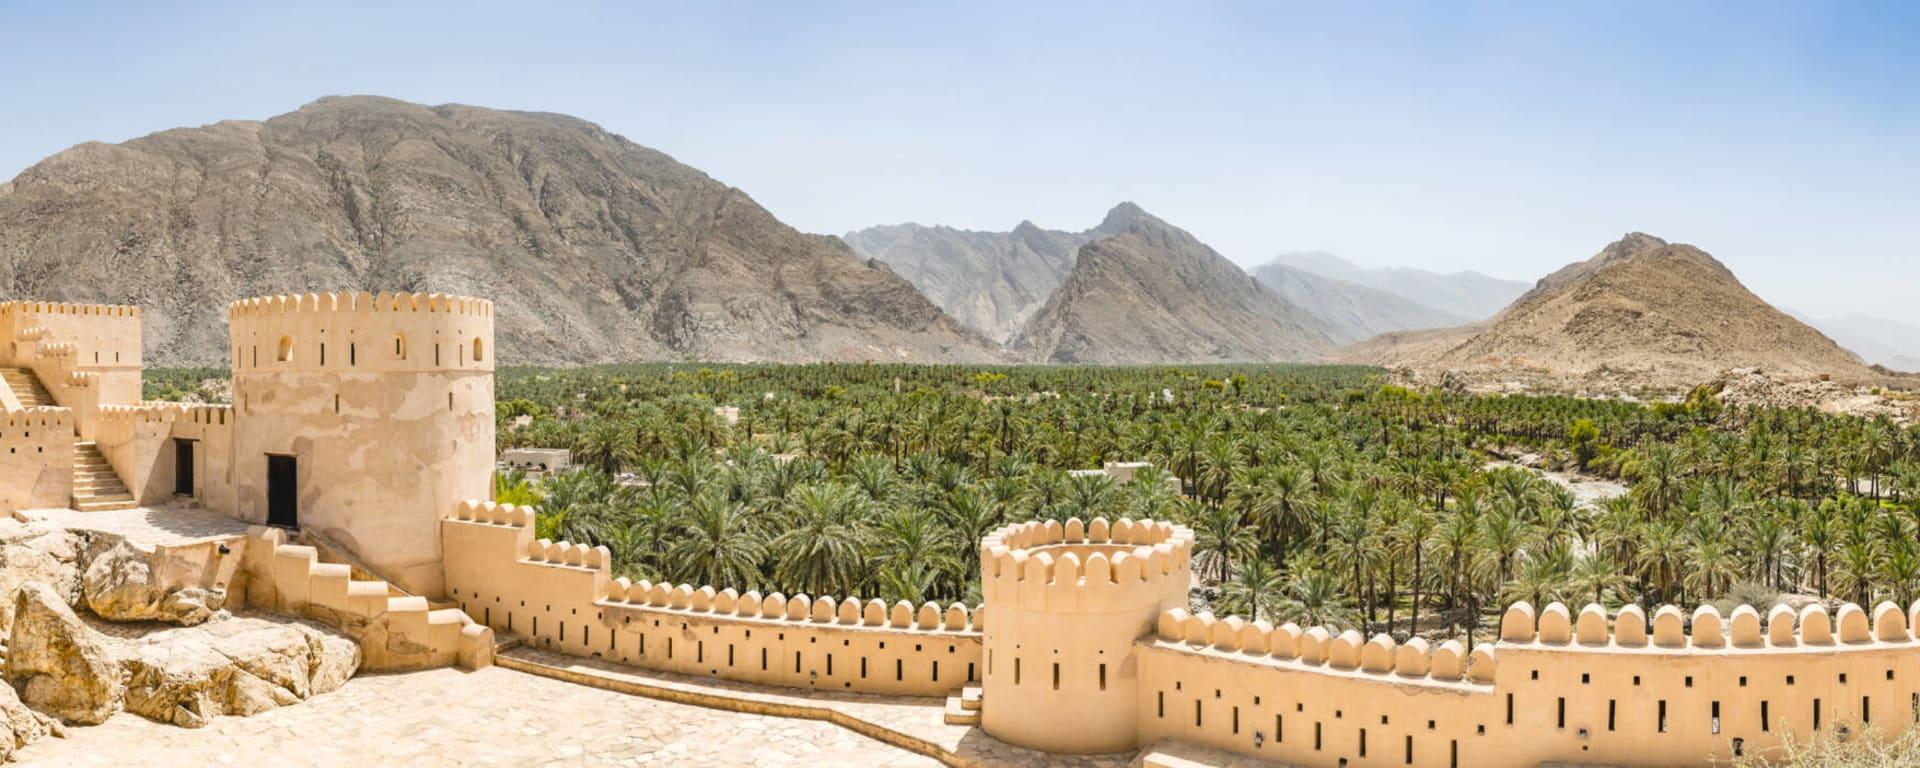 Oman entdecken mit Tischler Reisen: Oman Nakhl Fort